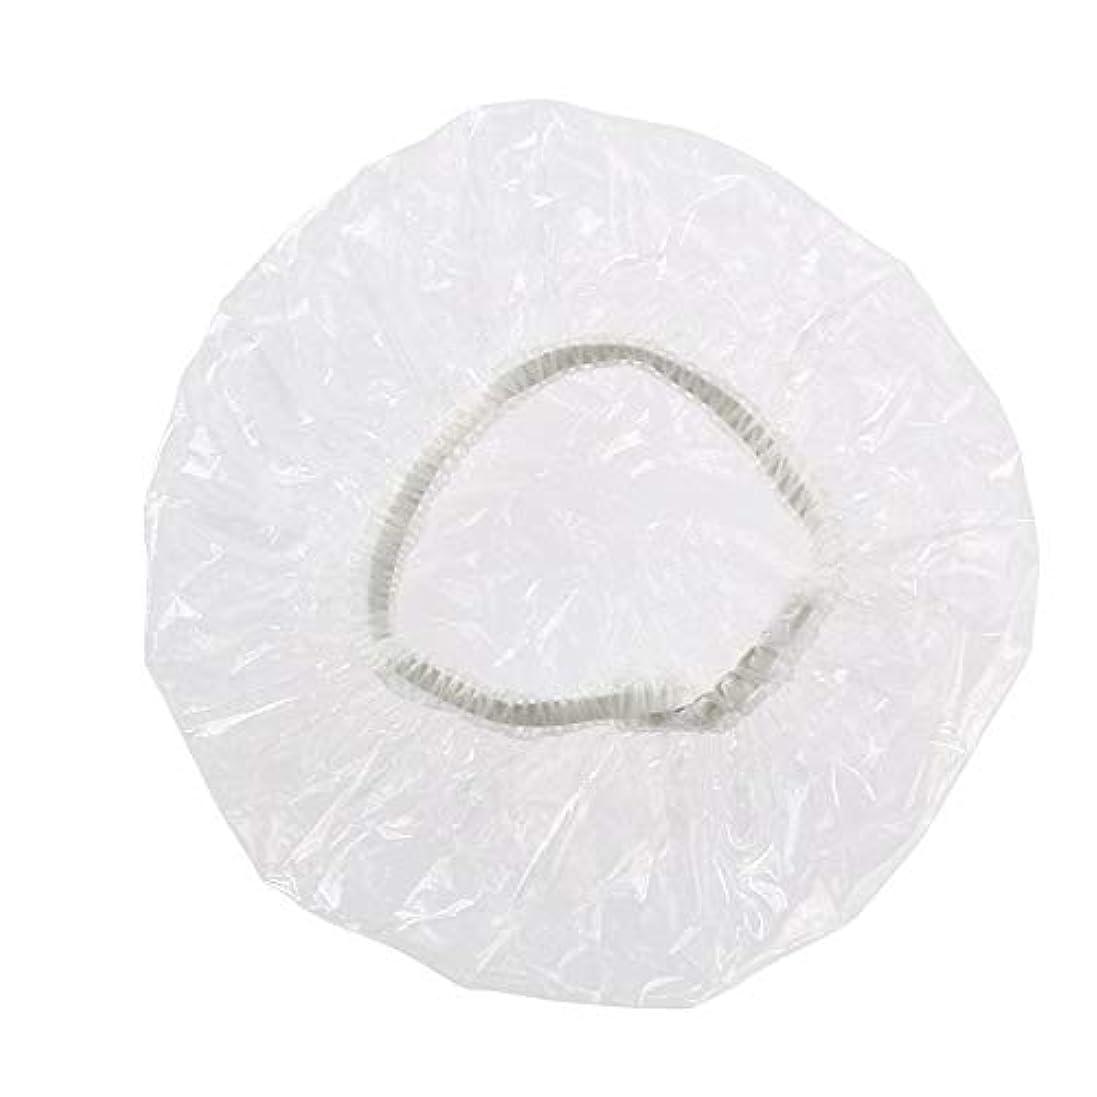 100個入りイヤーキャップ 使い捨て透明 ビニール 耳 保護 カバー 毛染め パーマ 縮毛矯正 シャンプー